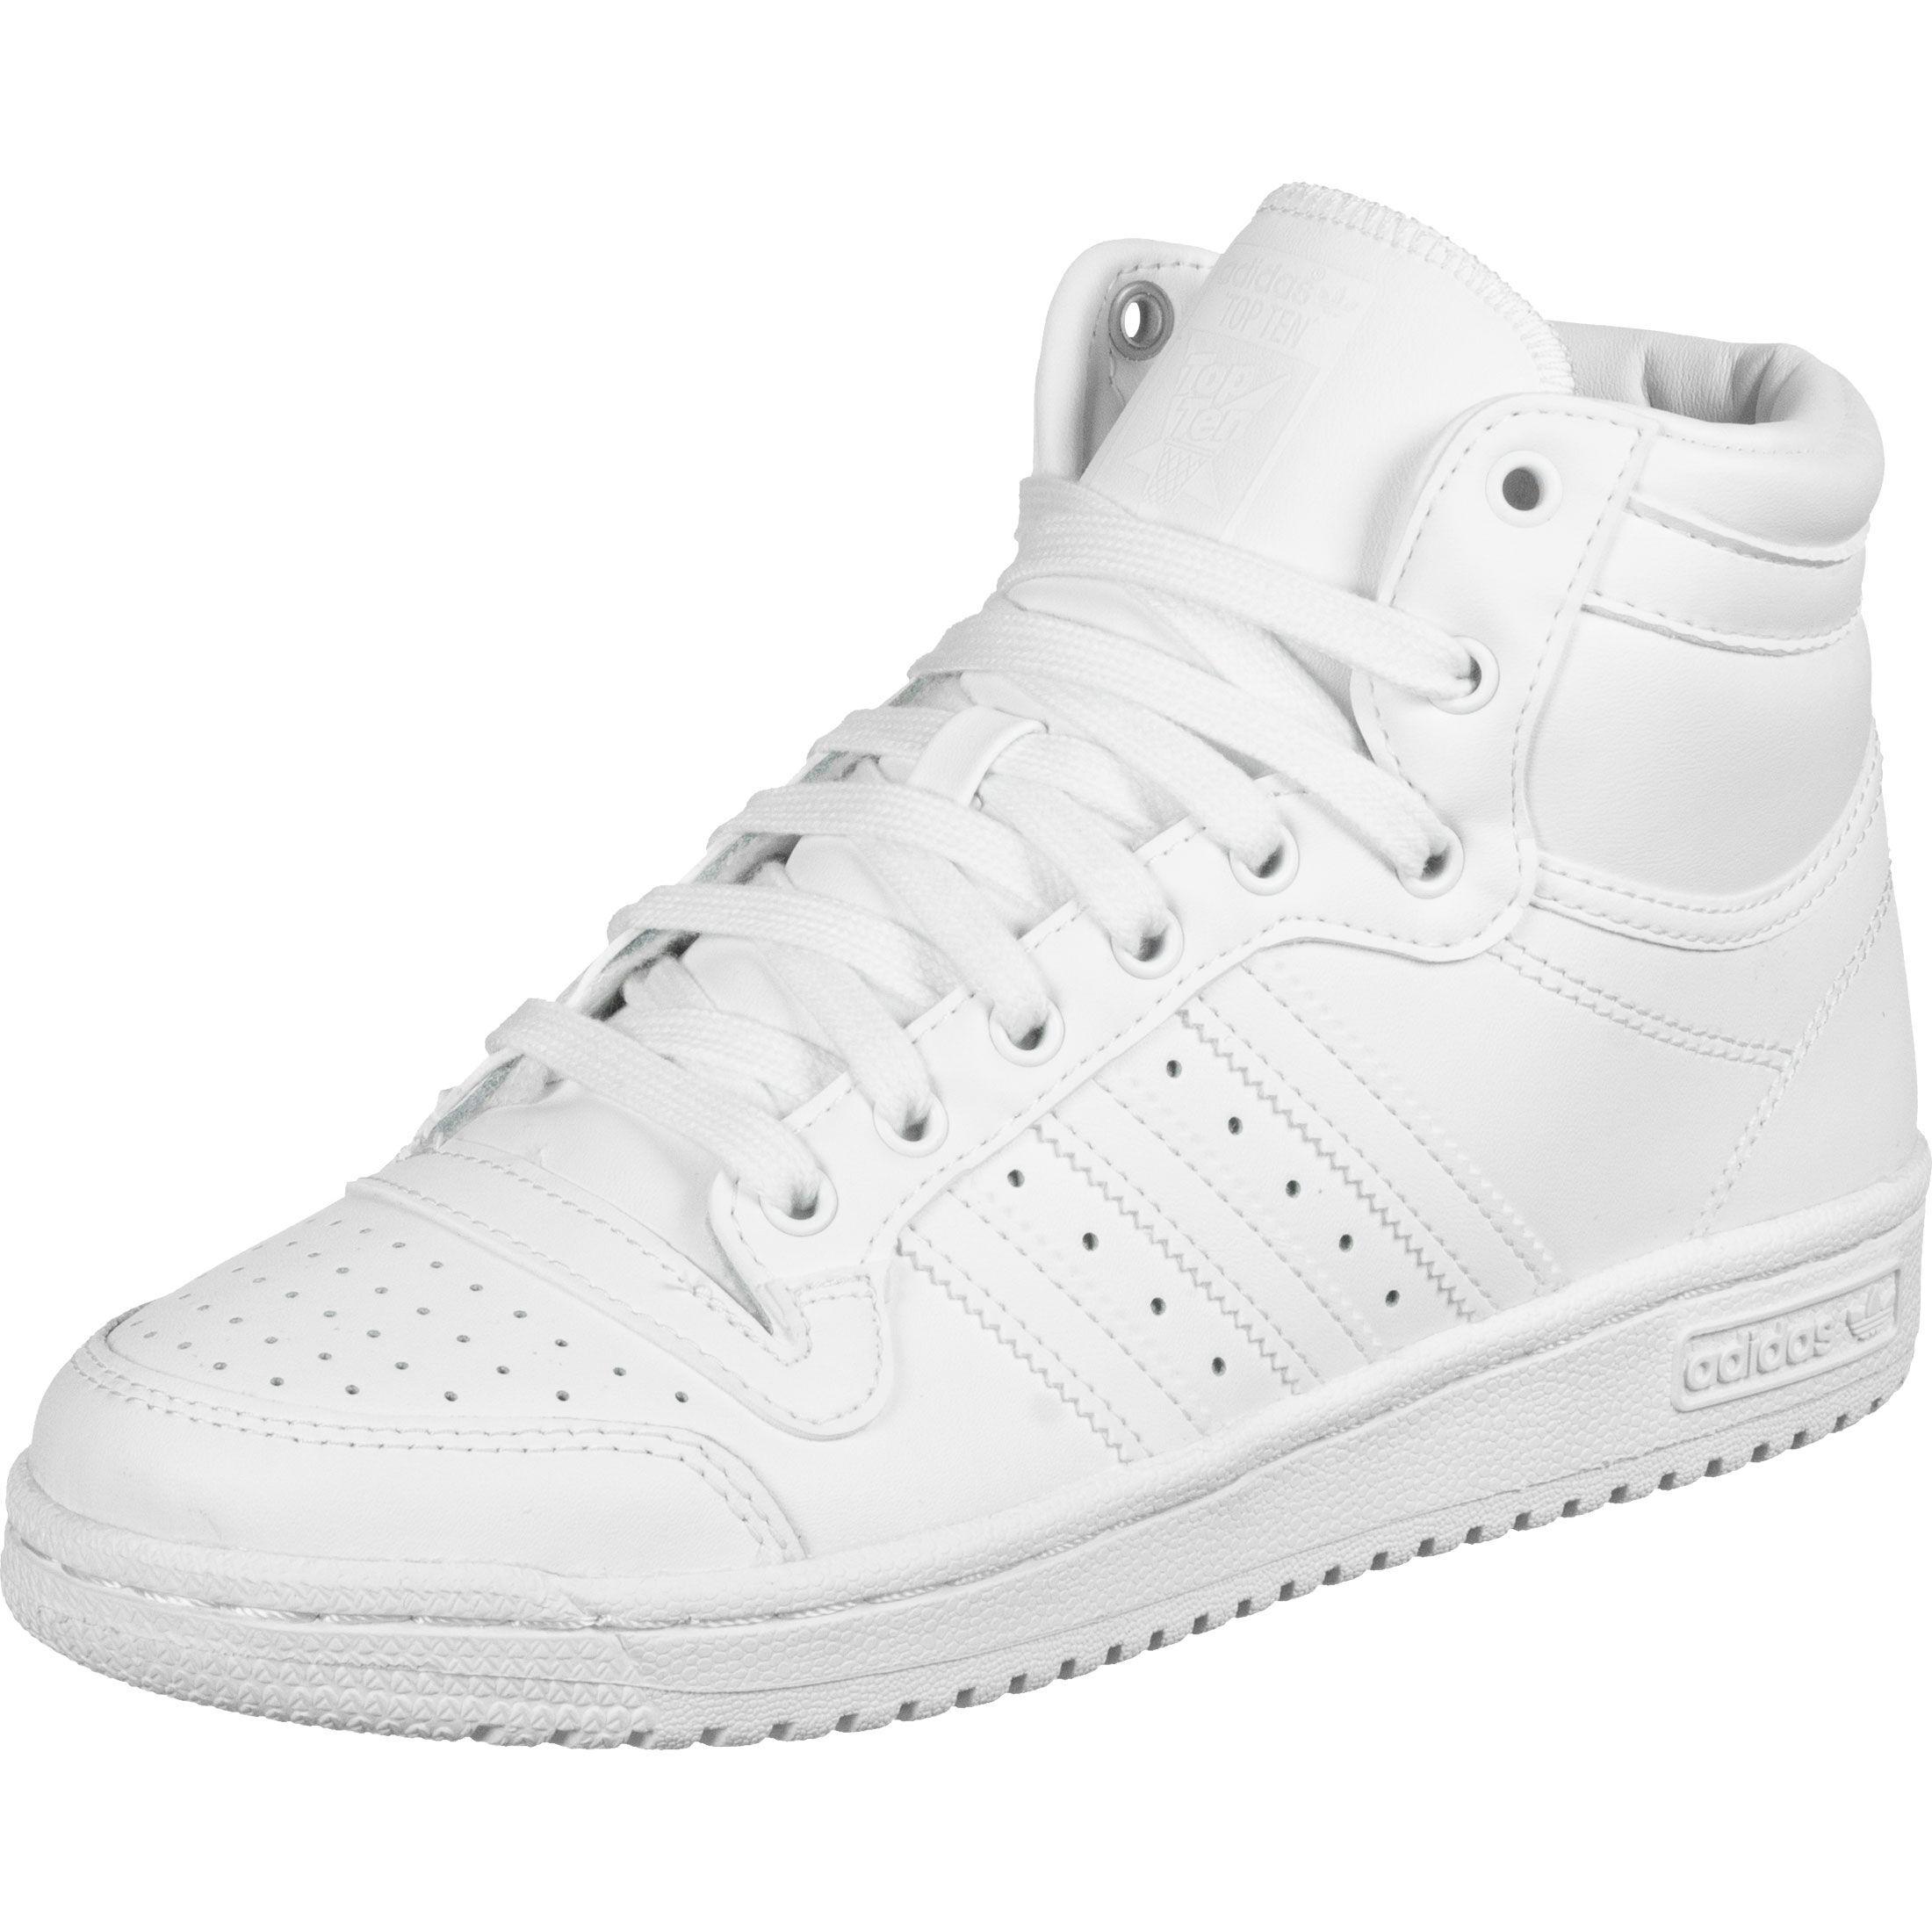 adidas TOP TEN, 46 2/3 EU, blanc